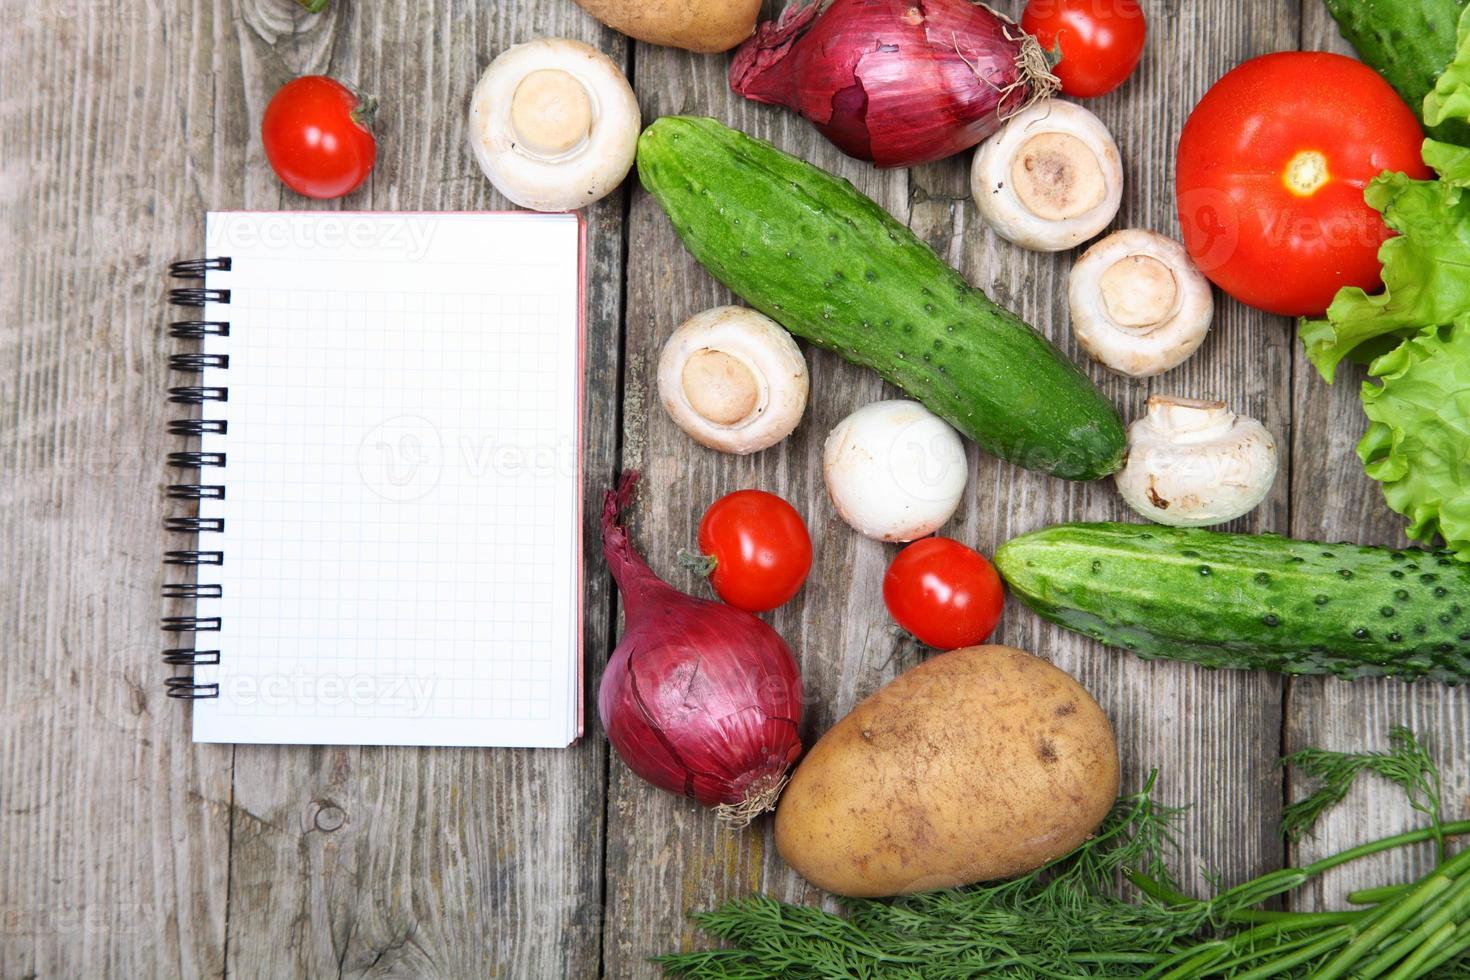 färska grönsaker och papper för recept foto